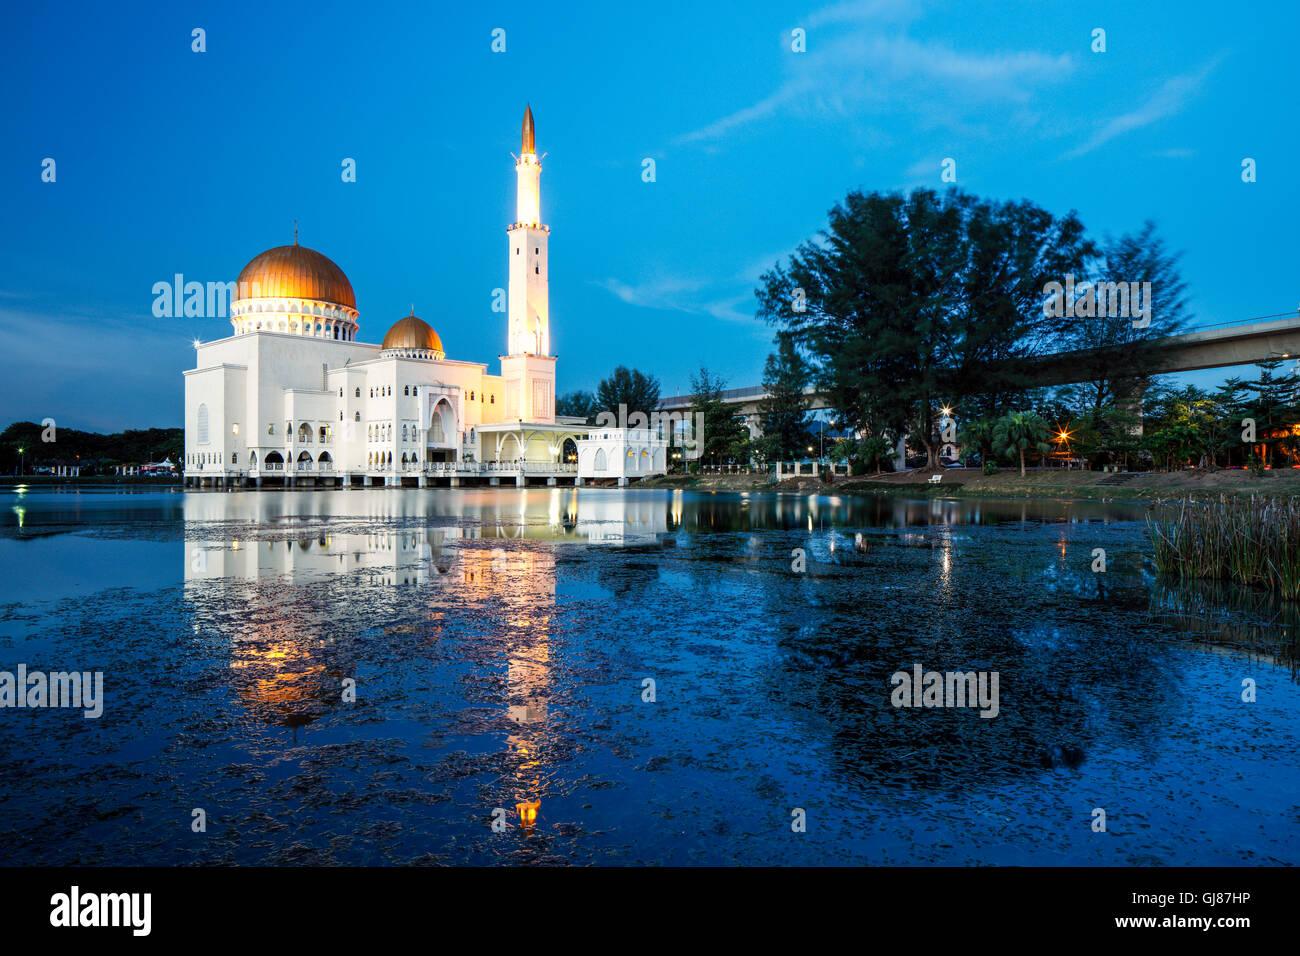 Einen schönen Abend in der wie-Salam-Moschee in Puchong Perdana, Malaysia. Stockbild